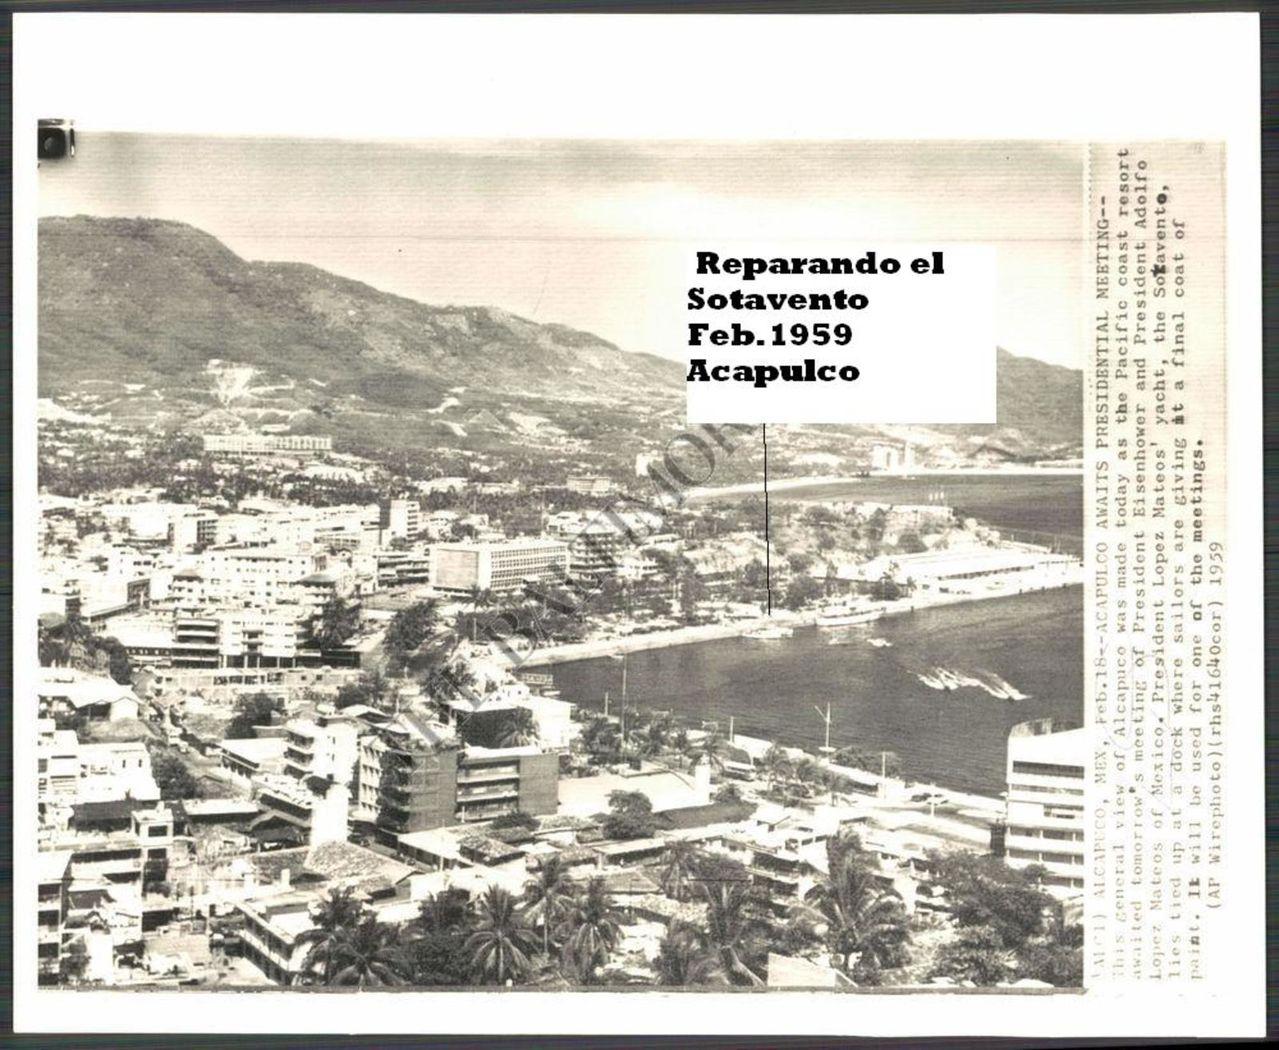 YATES PRESIDENCIALES – YATE SOTAVENTO – ARMADA DE MEXICO - 1948 SOTAVENTOACAPULCO19592